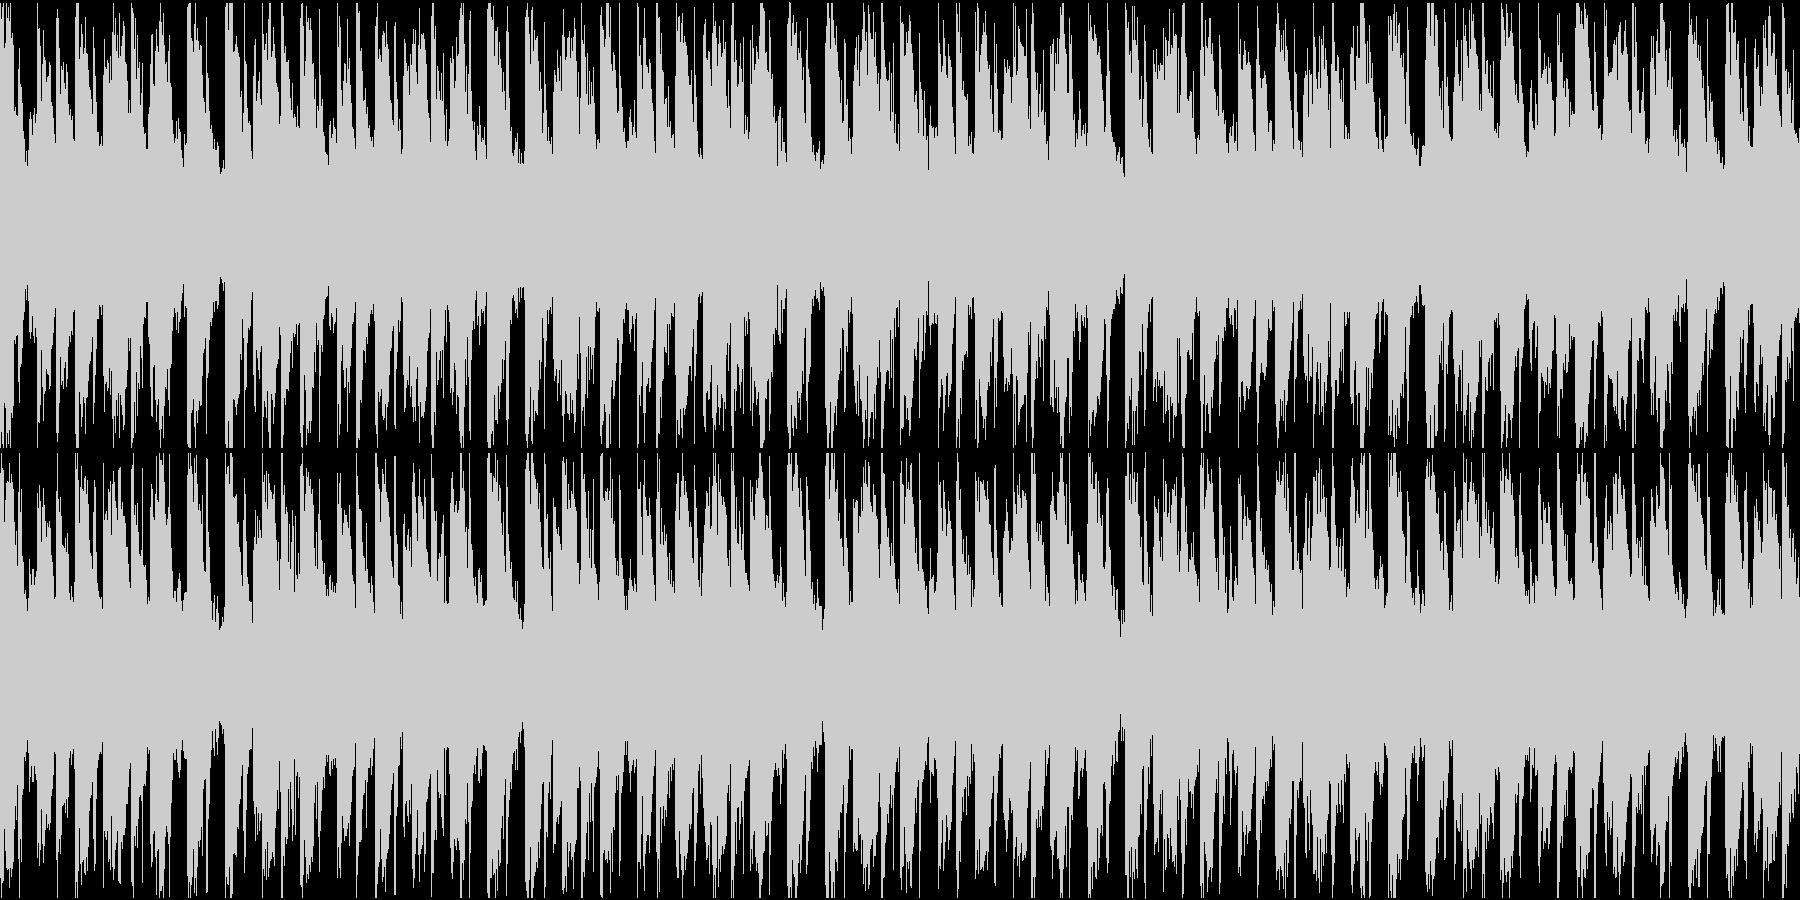 伝染性のシンセパターンとポジティブ...の未再生の波形